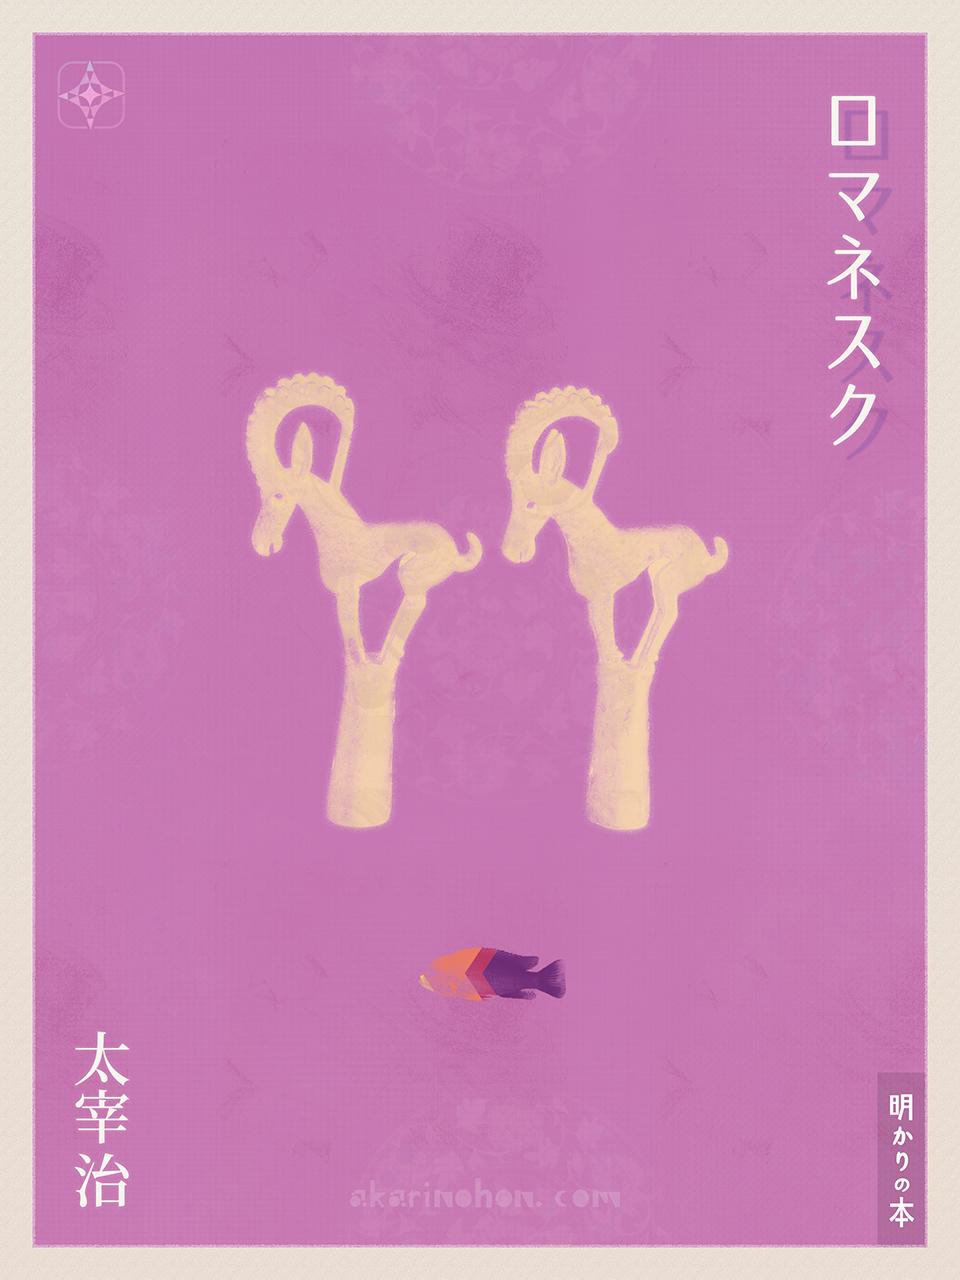 0000 - ロマネスク 太宰治